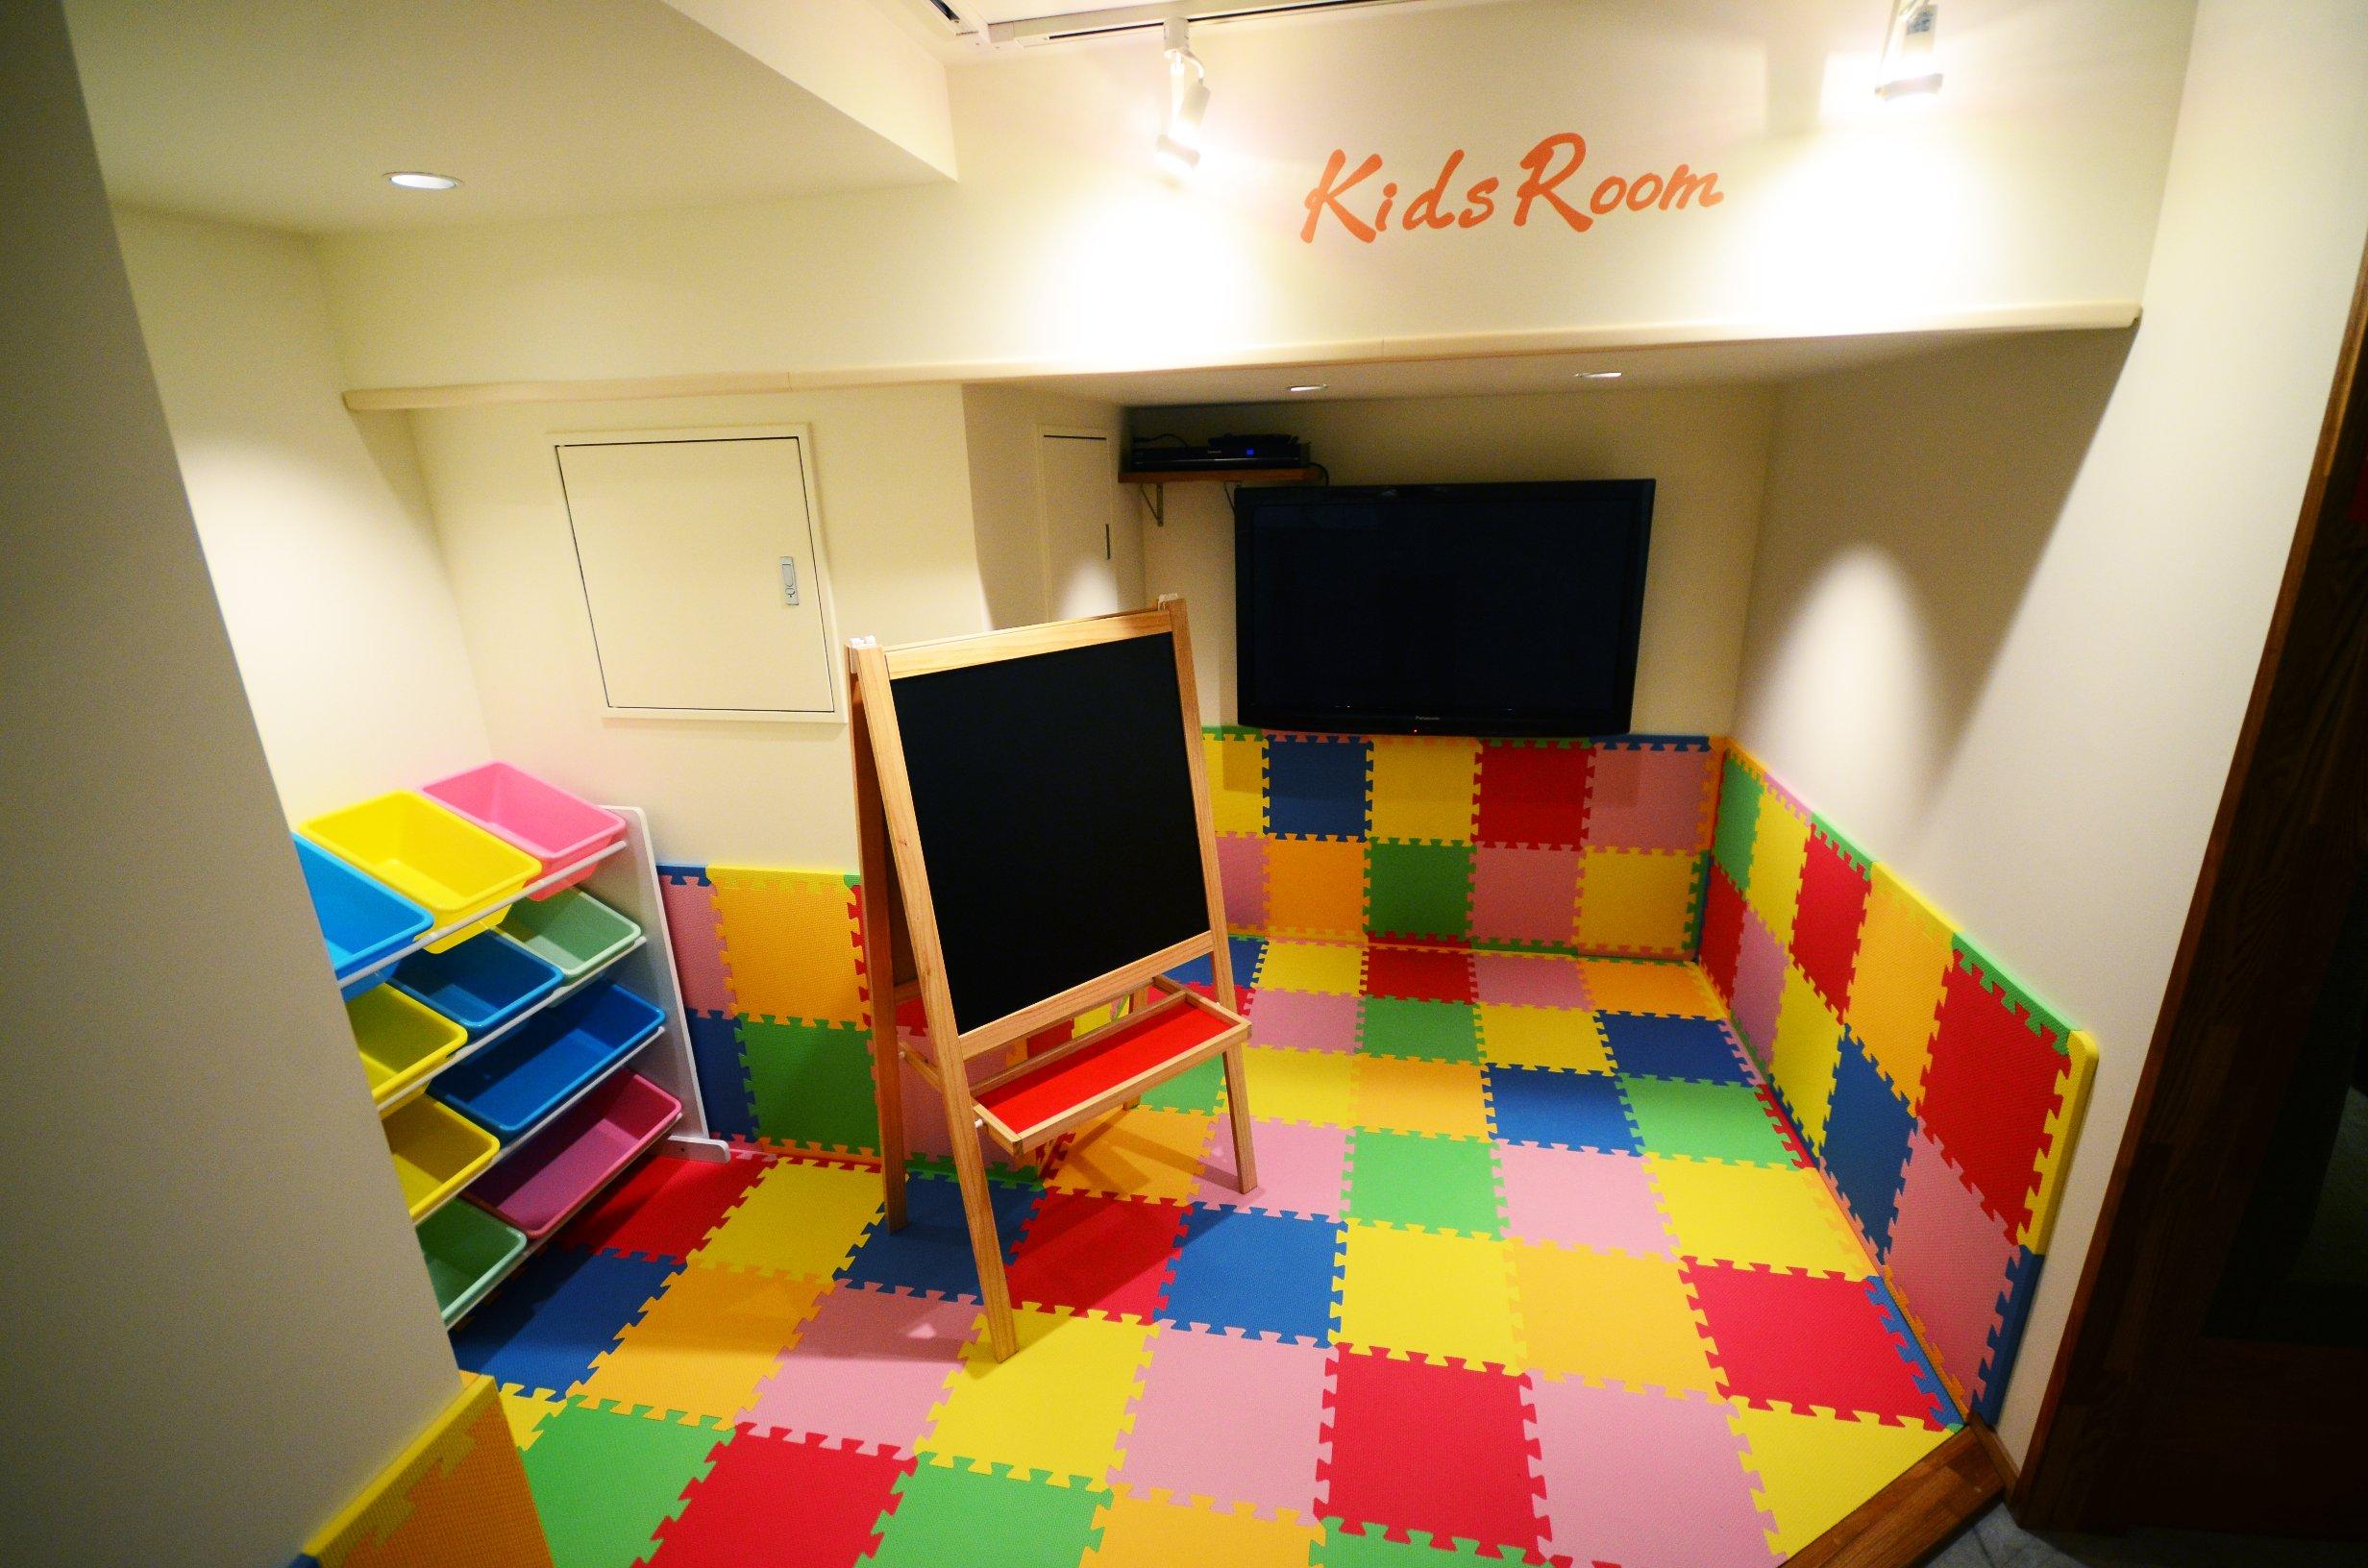 kids-thumb-2464x1632-2445.jpg